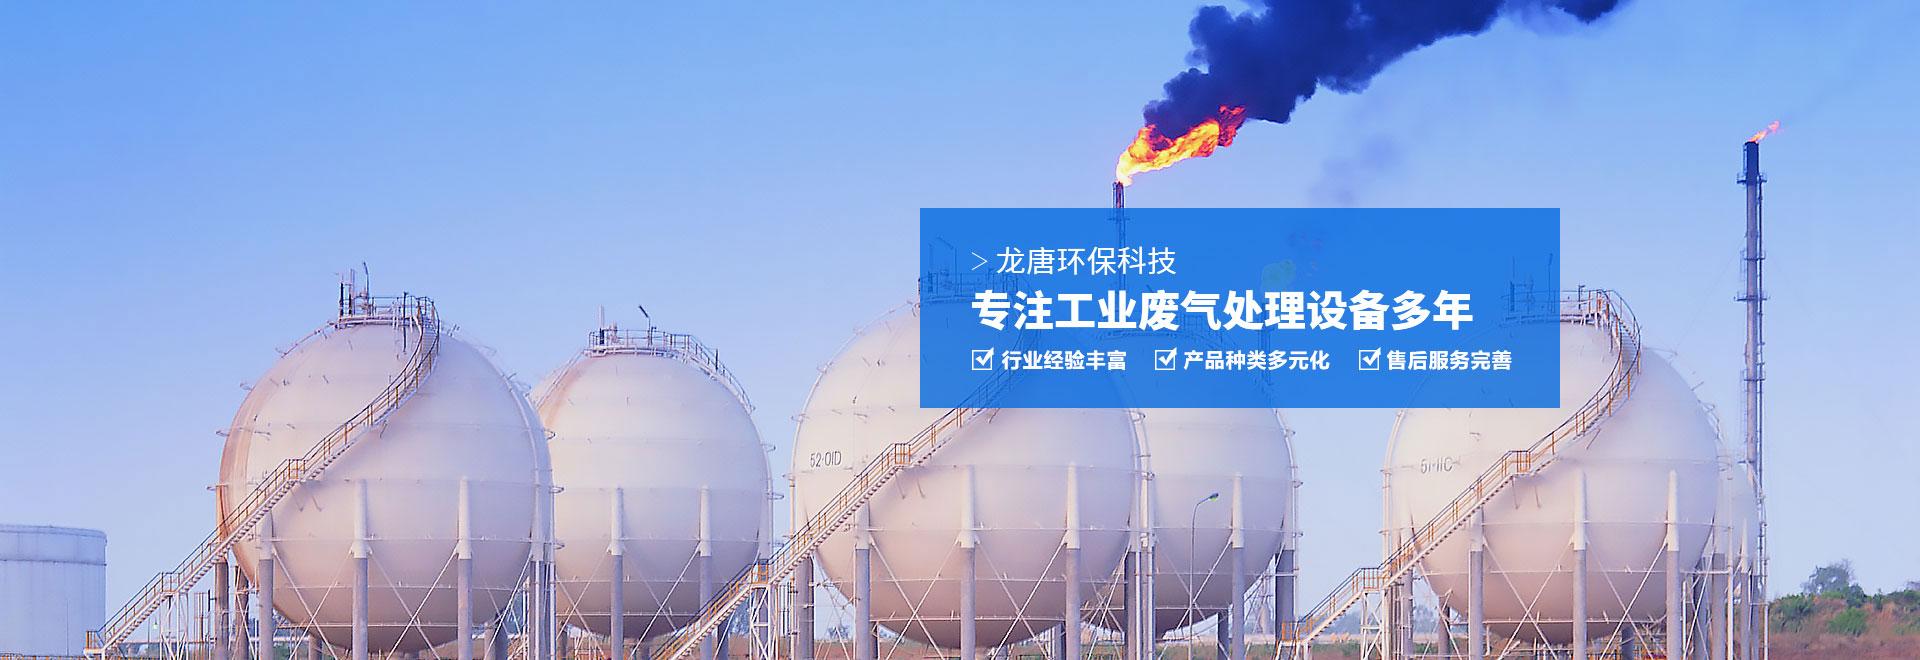 重慶有機廢氣治理設備